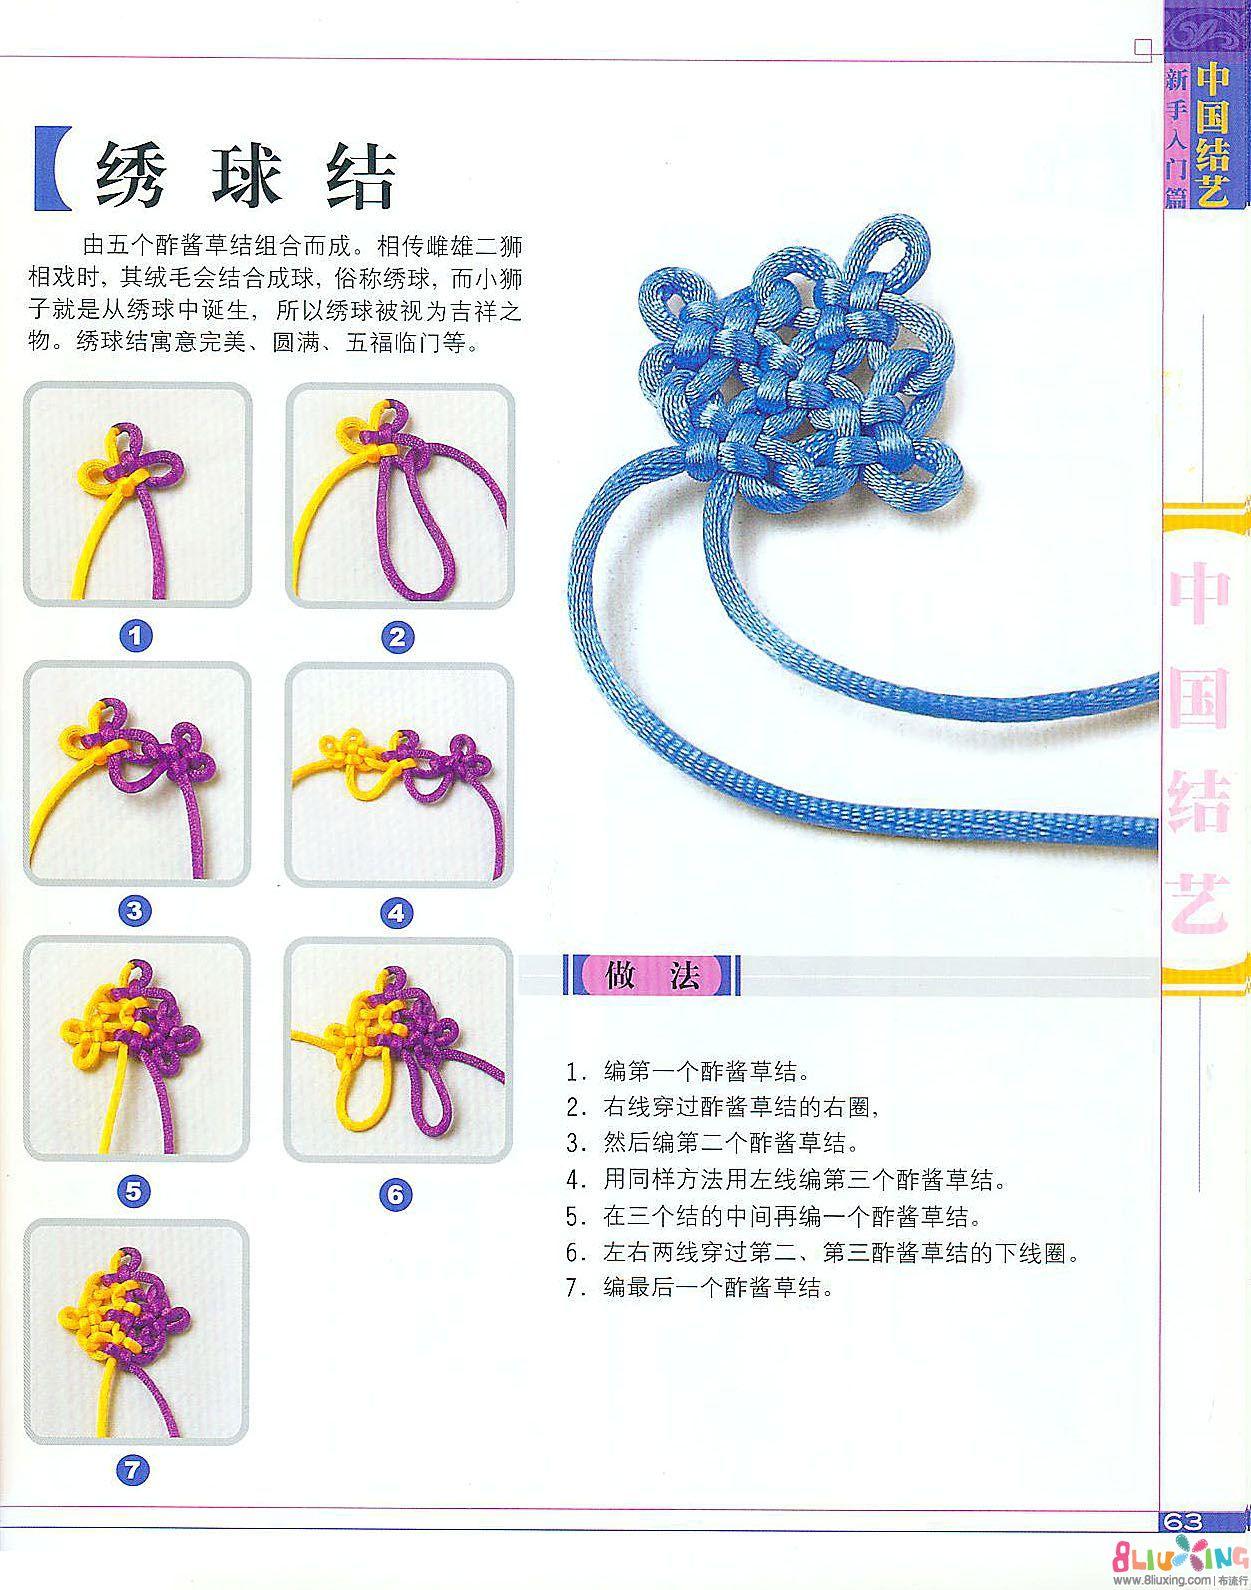 幼儿手工制作中国结编制方法都有哪些?